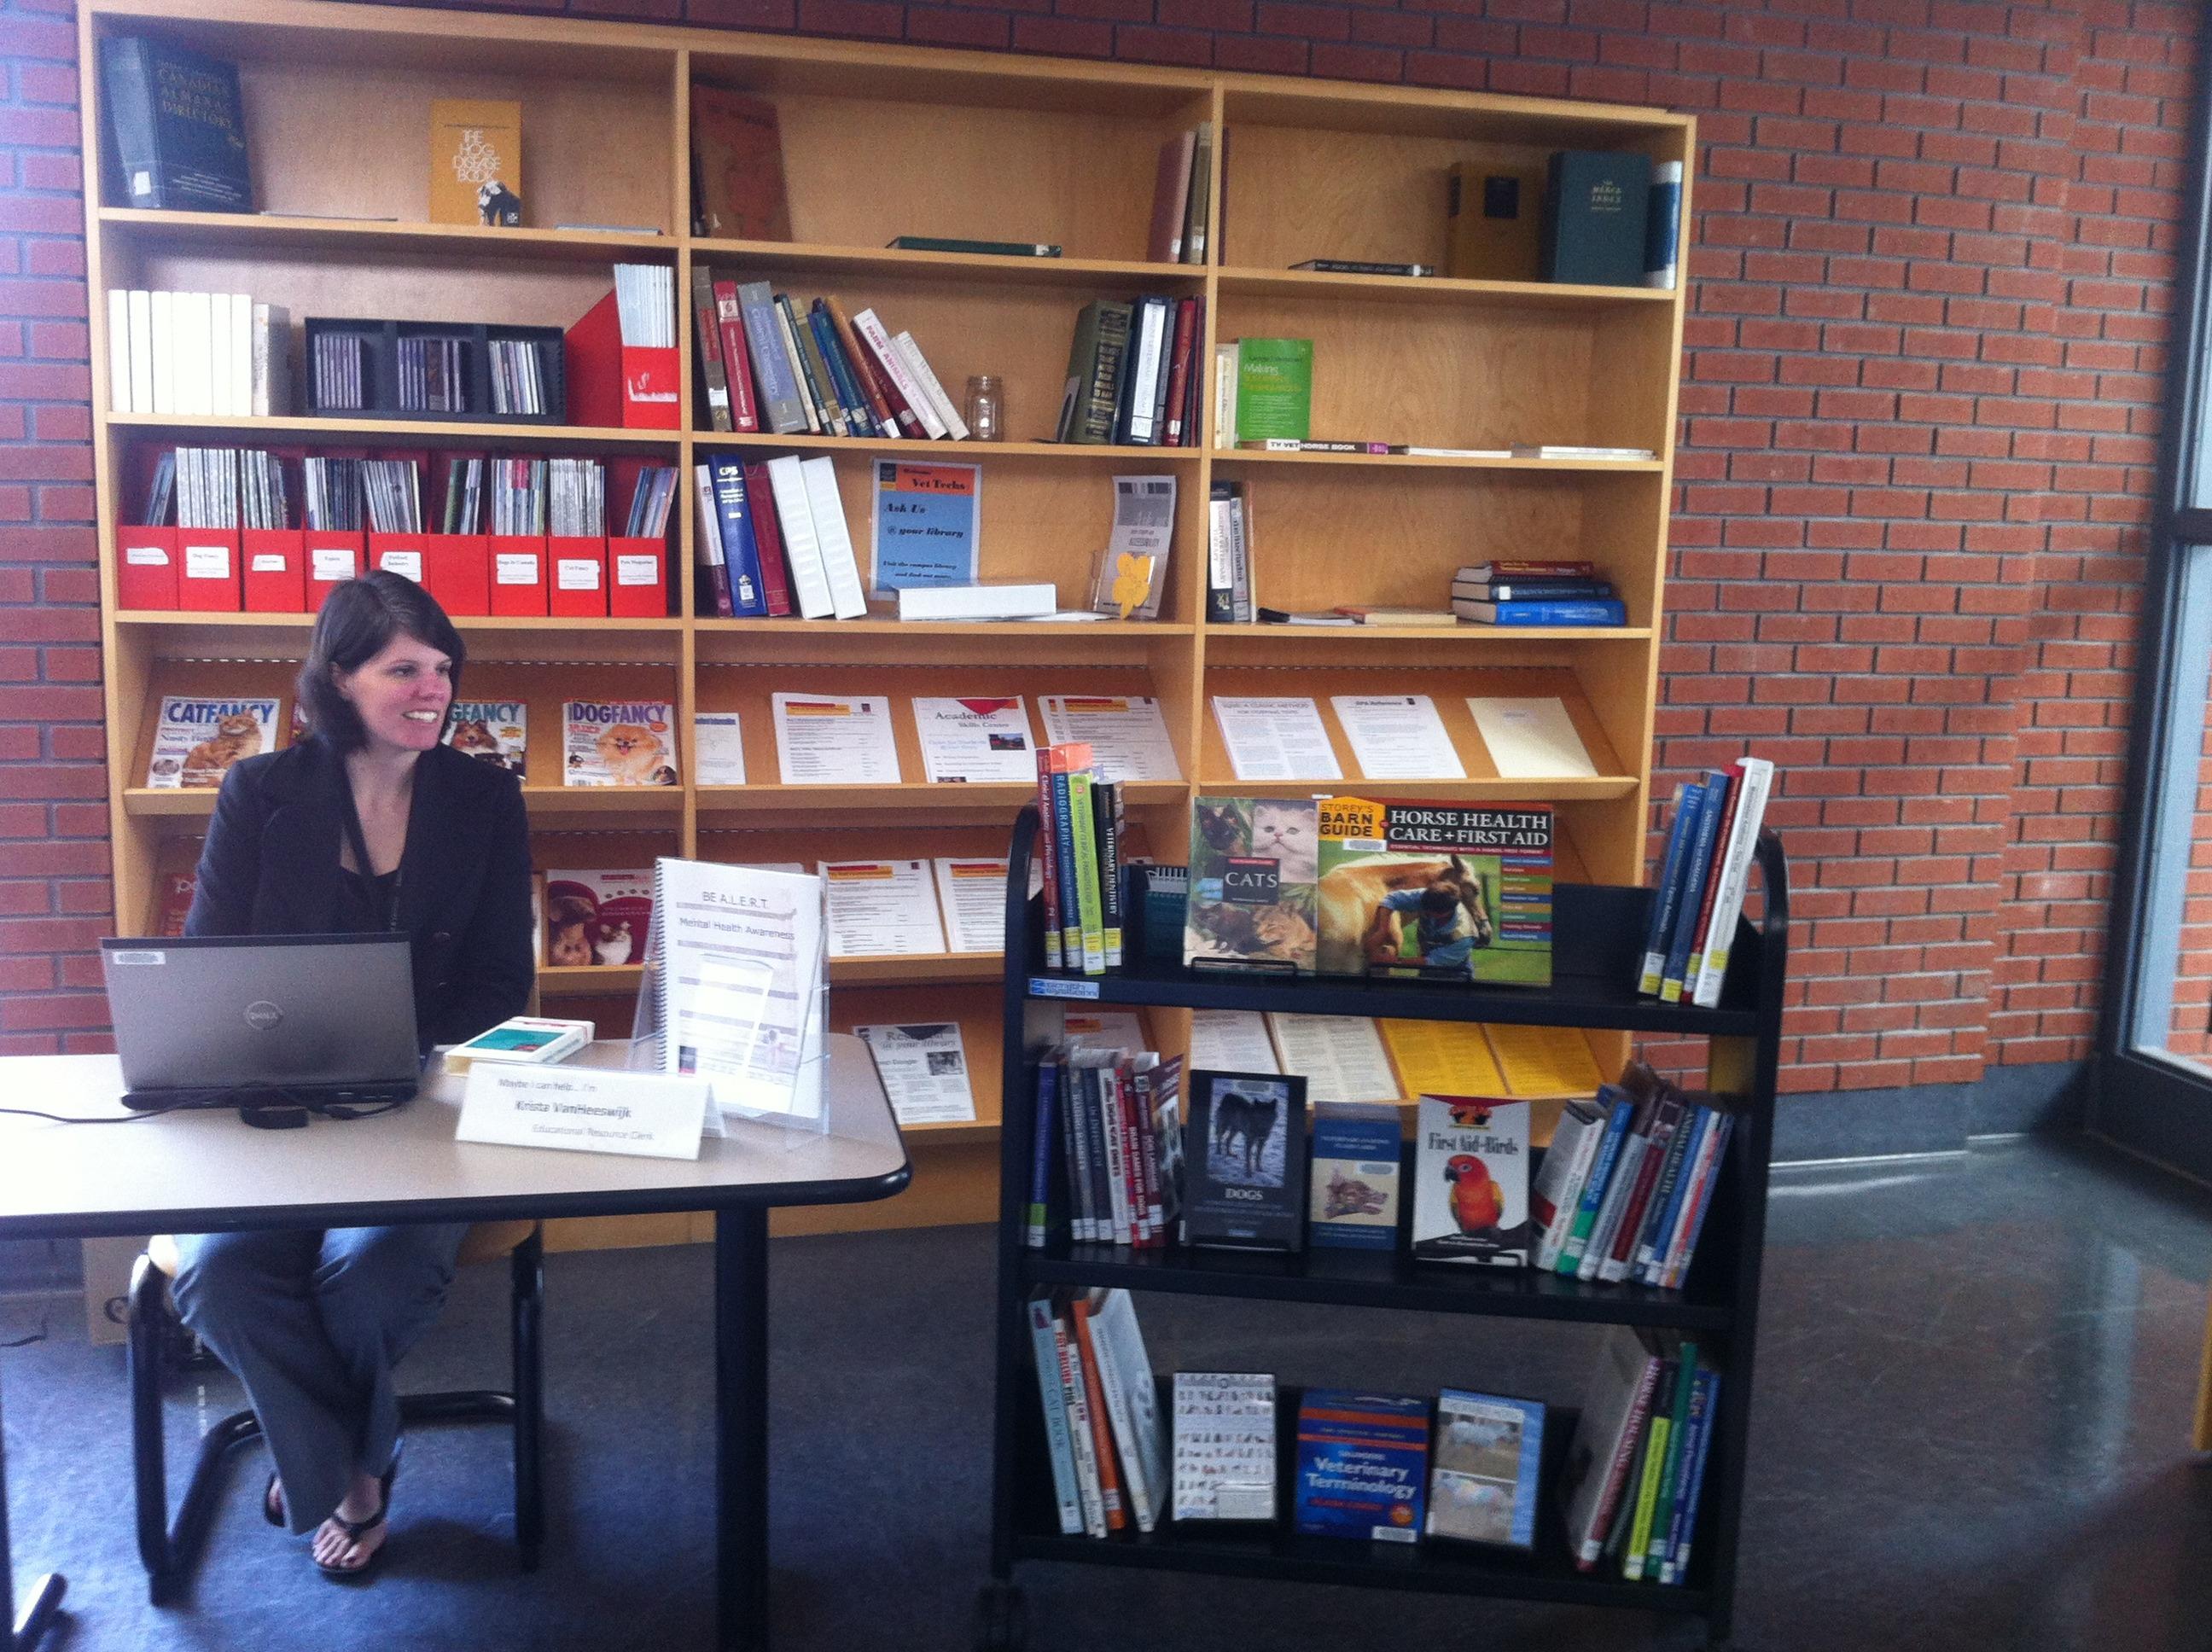 Krista van Heeswijk staffing the Pop-Up Library at Ridgetown Campus, UG